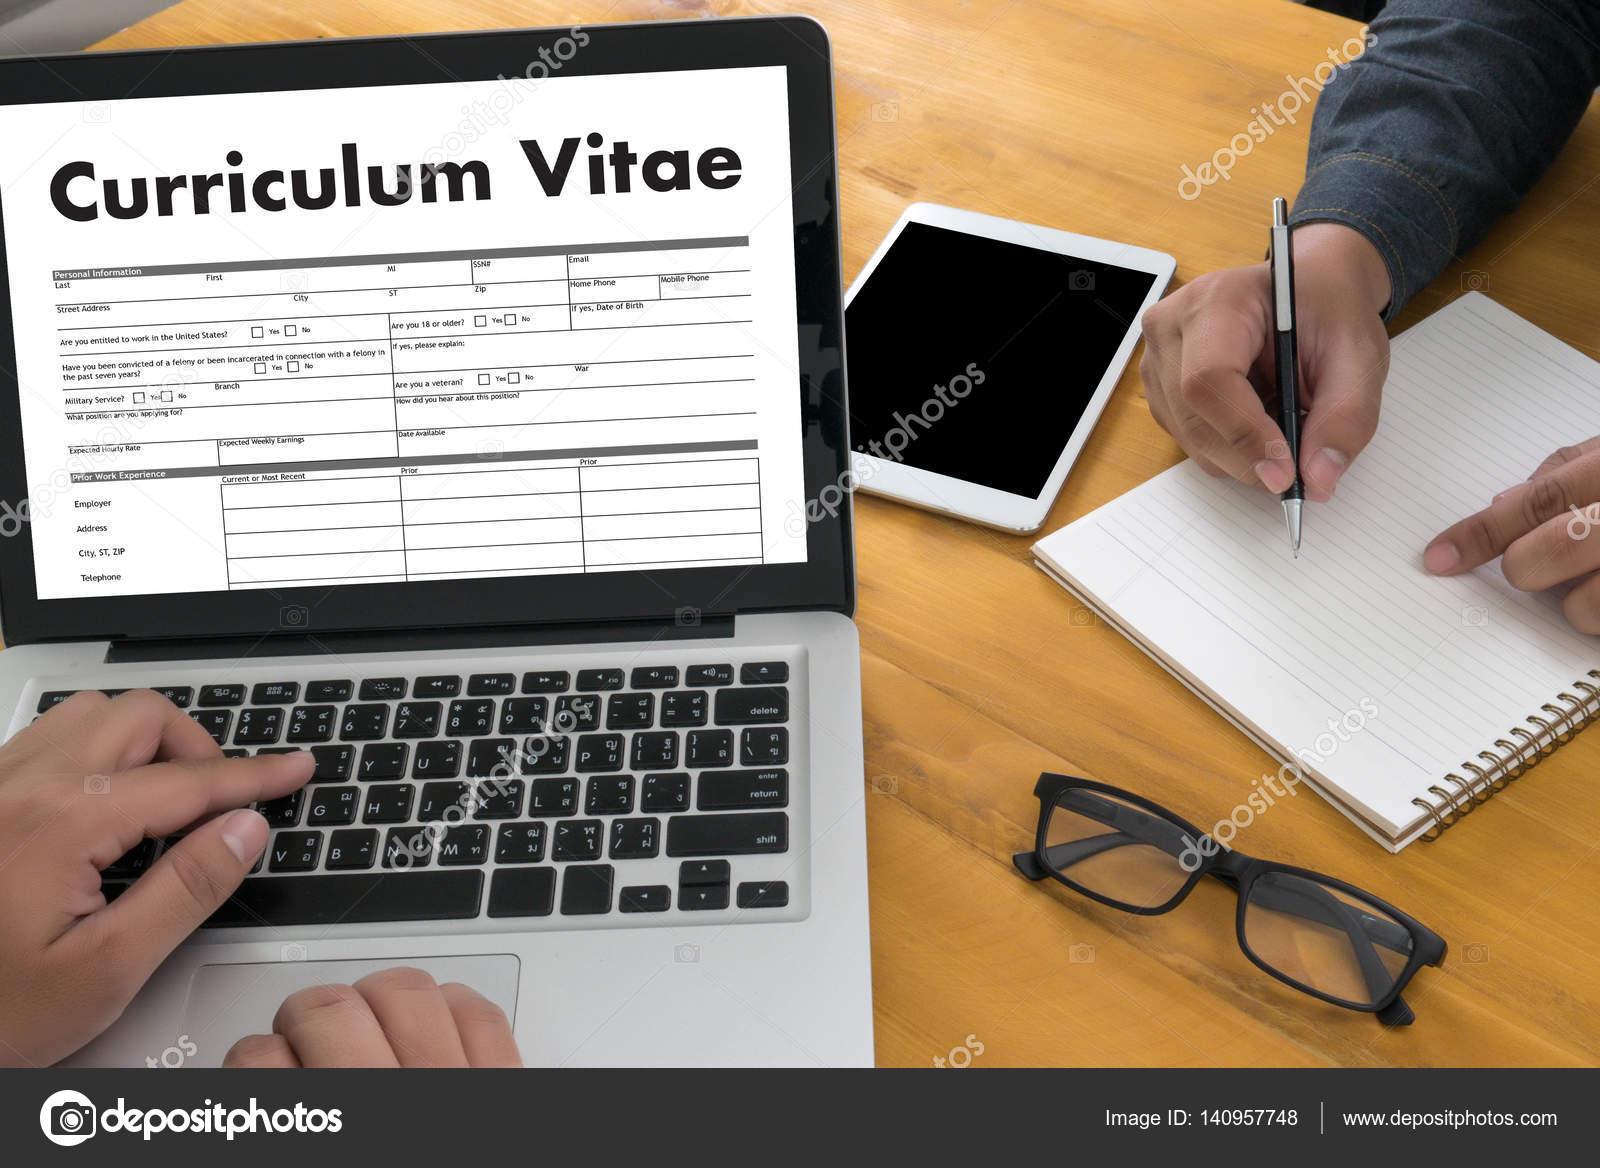 cv curriculum vitae zadanie wywiad koncepcja z firmy cv resume business office biznesmen praca pracy aplikacji zdjcie od duiwoy